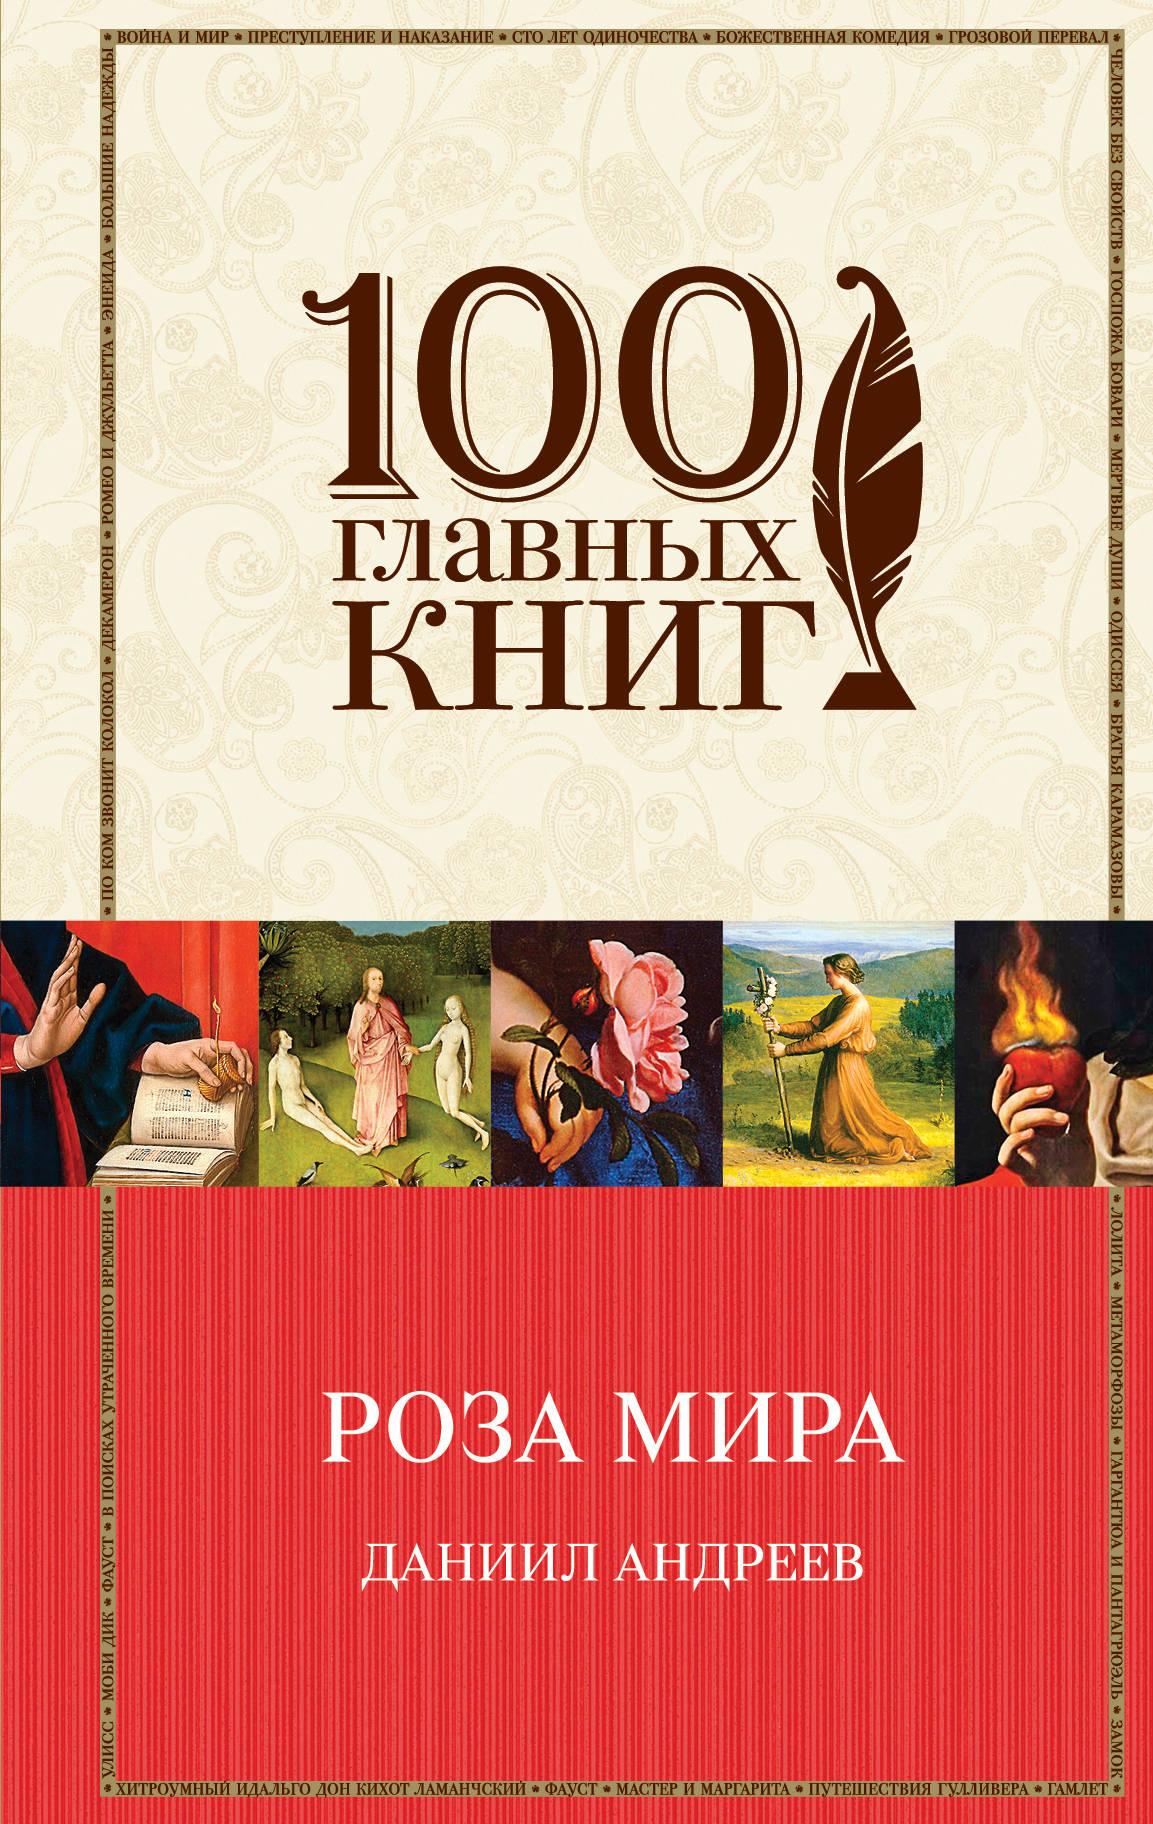 Даниил Андреев Роза Мира ISBN: 978-5-699-96732-2